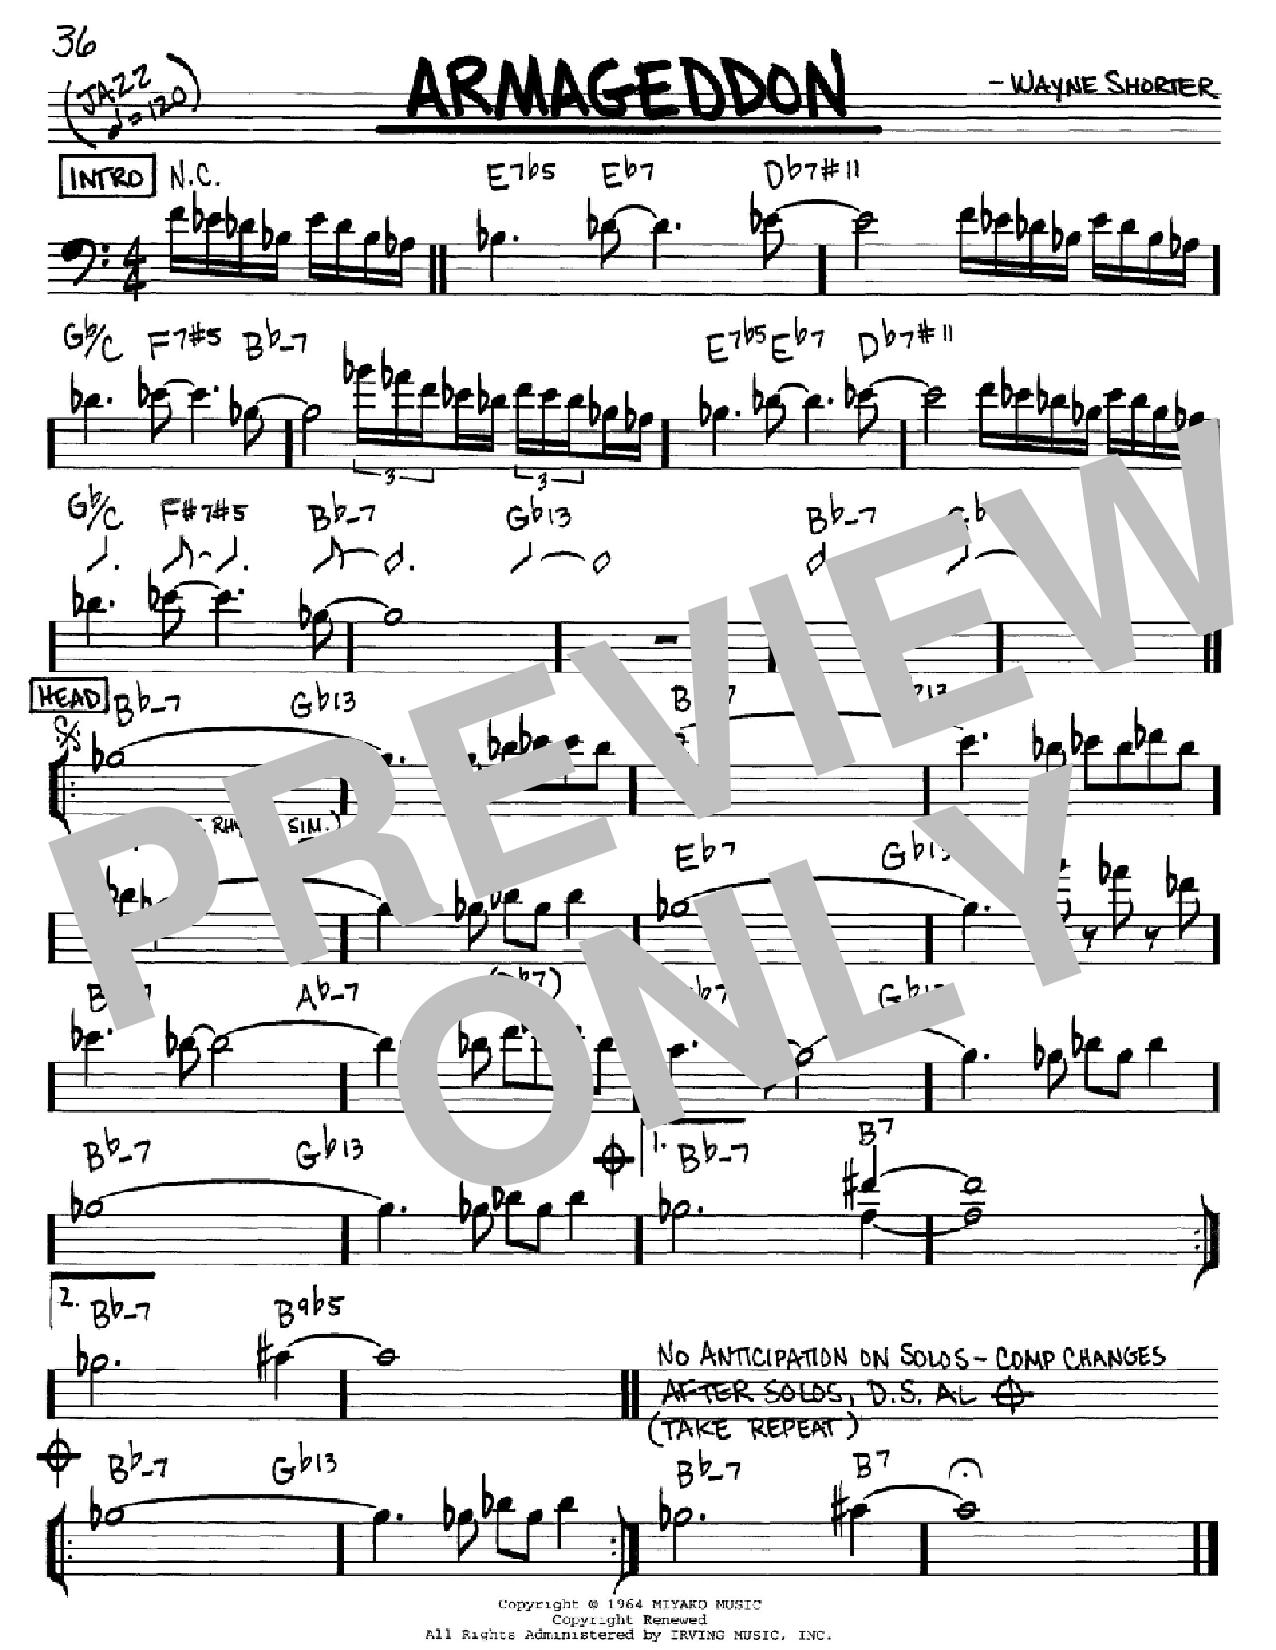 Partition autre Armageddon de Wayne Shorter - Real Book, Melodie et Accords, Inst. En cle de Fa